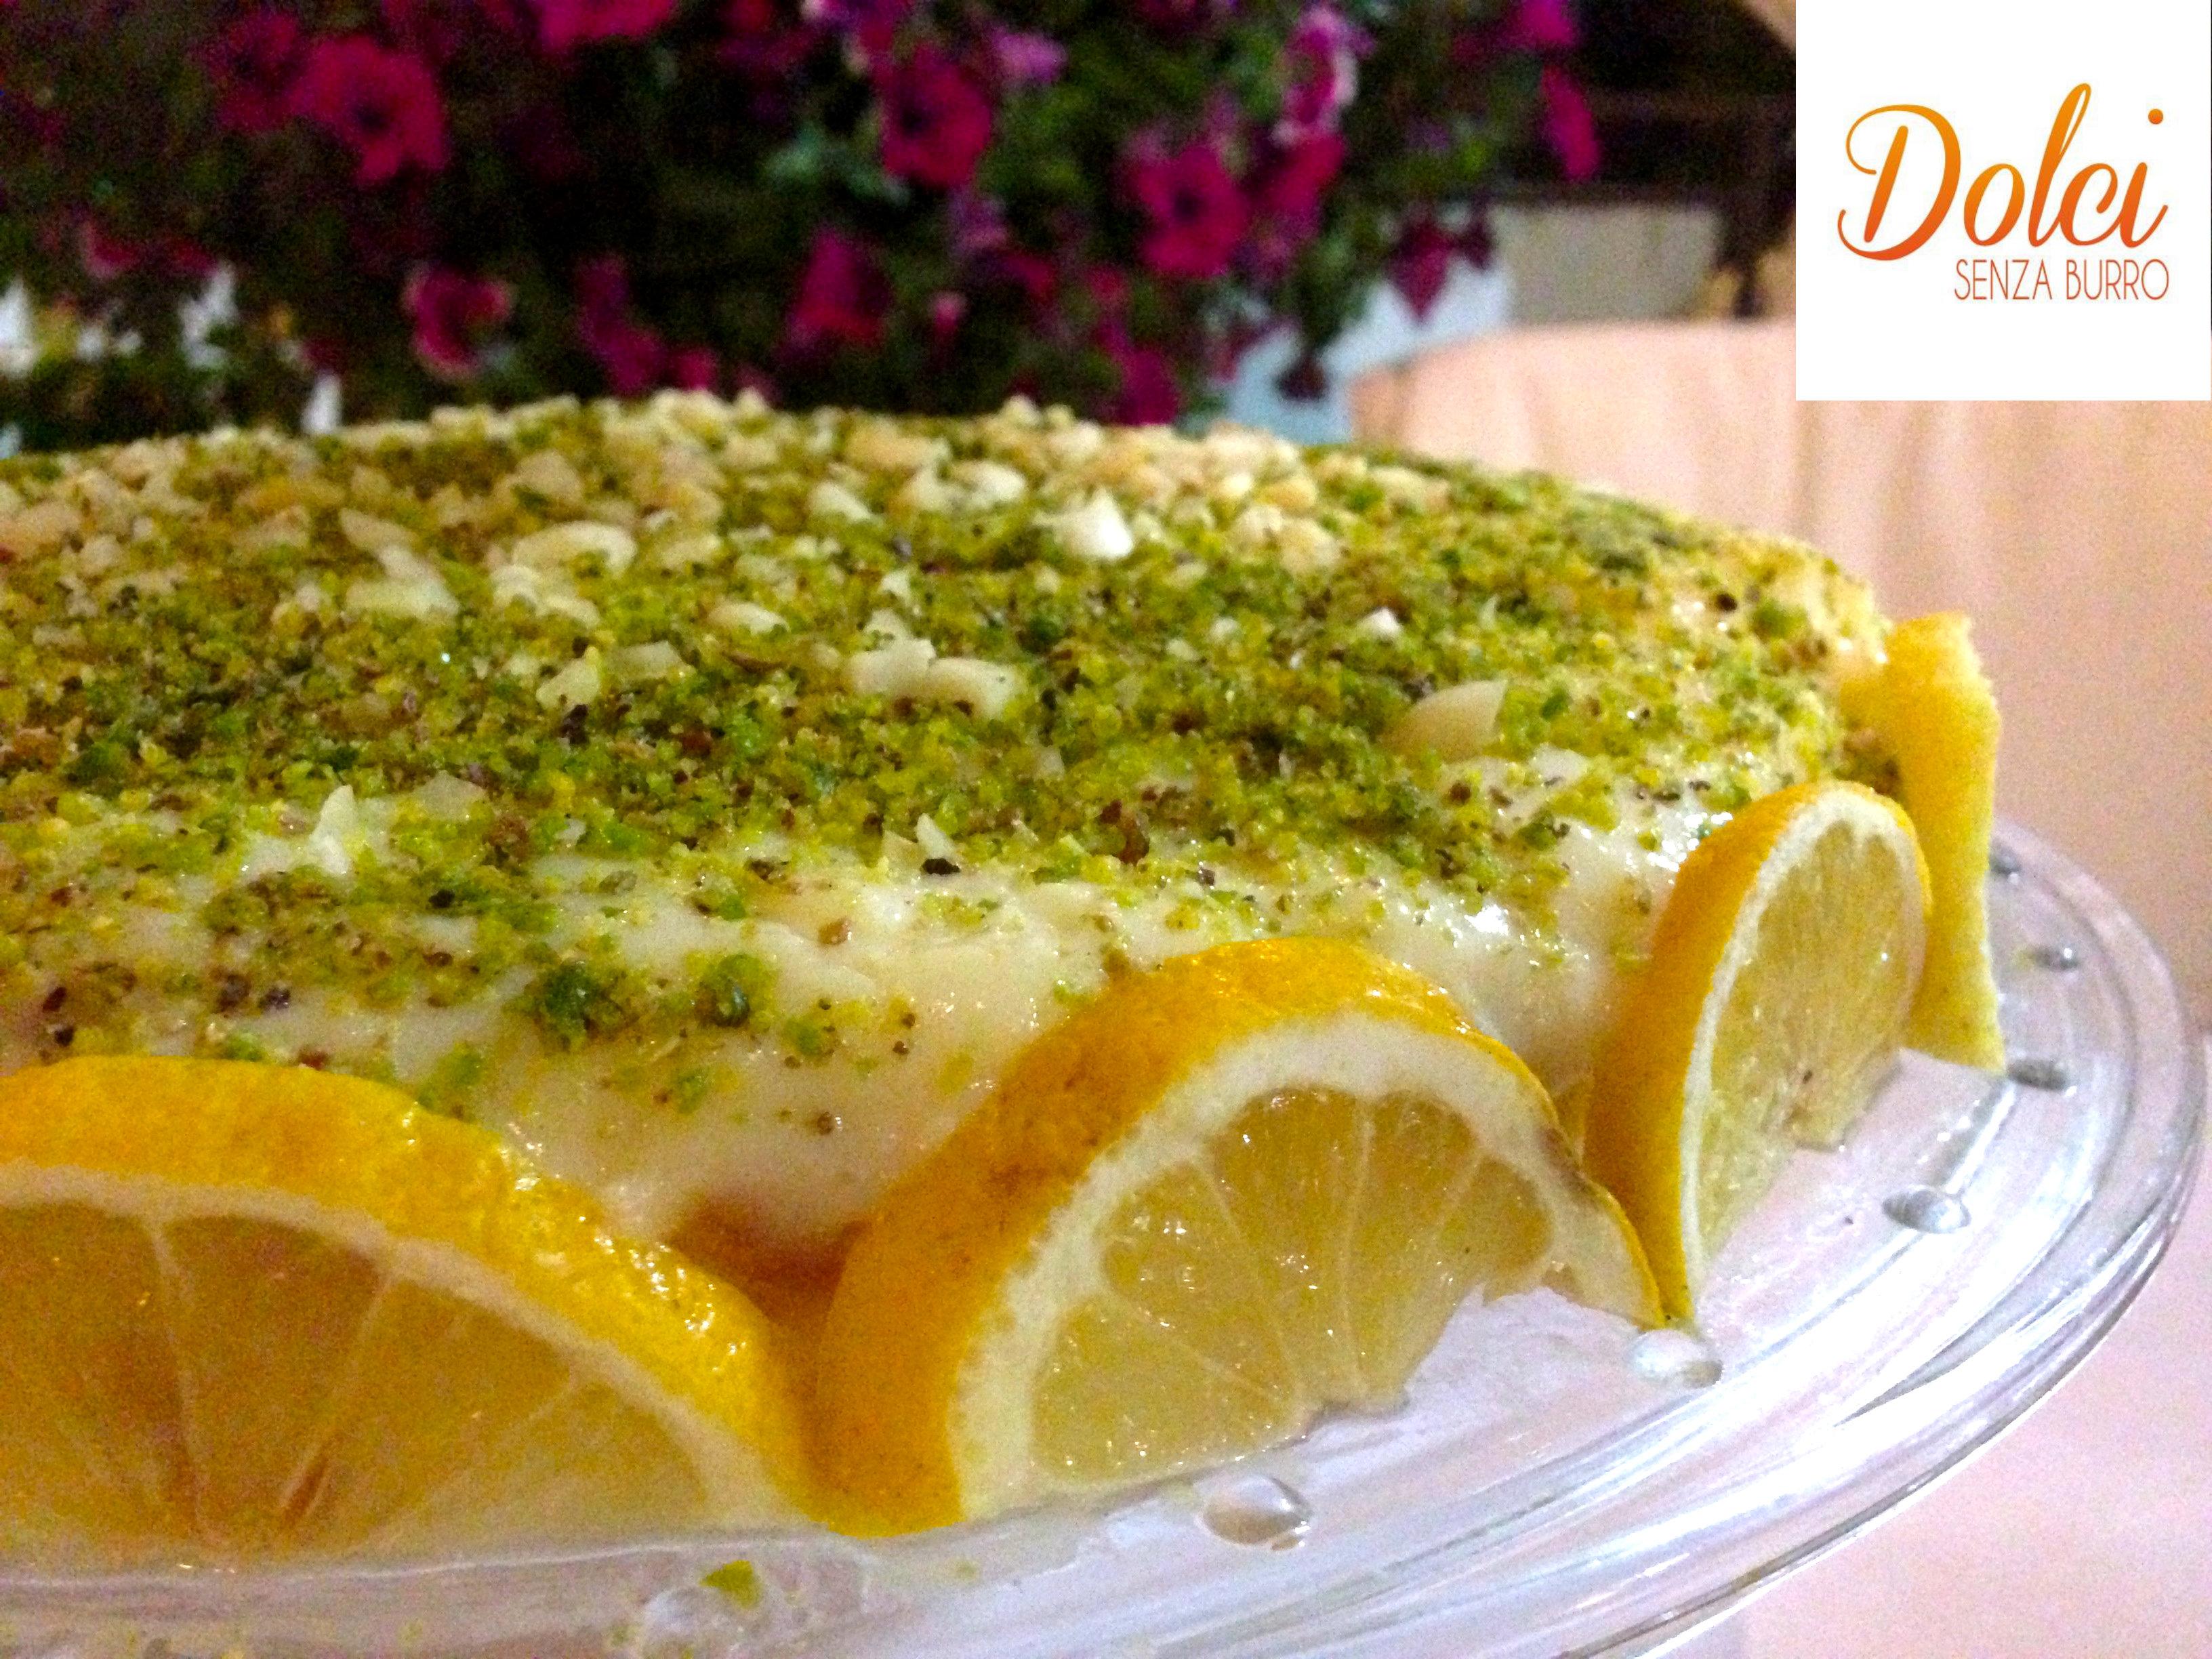 La Torta Senza Burro con Crema al Limoncello la torta sfiziosa di dolci senza burro